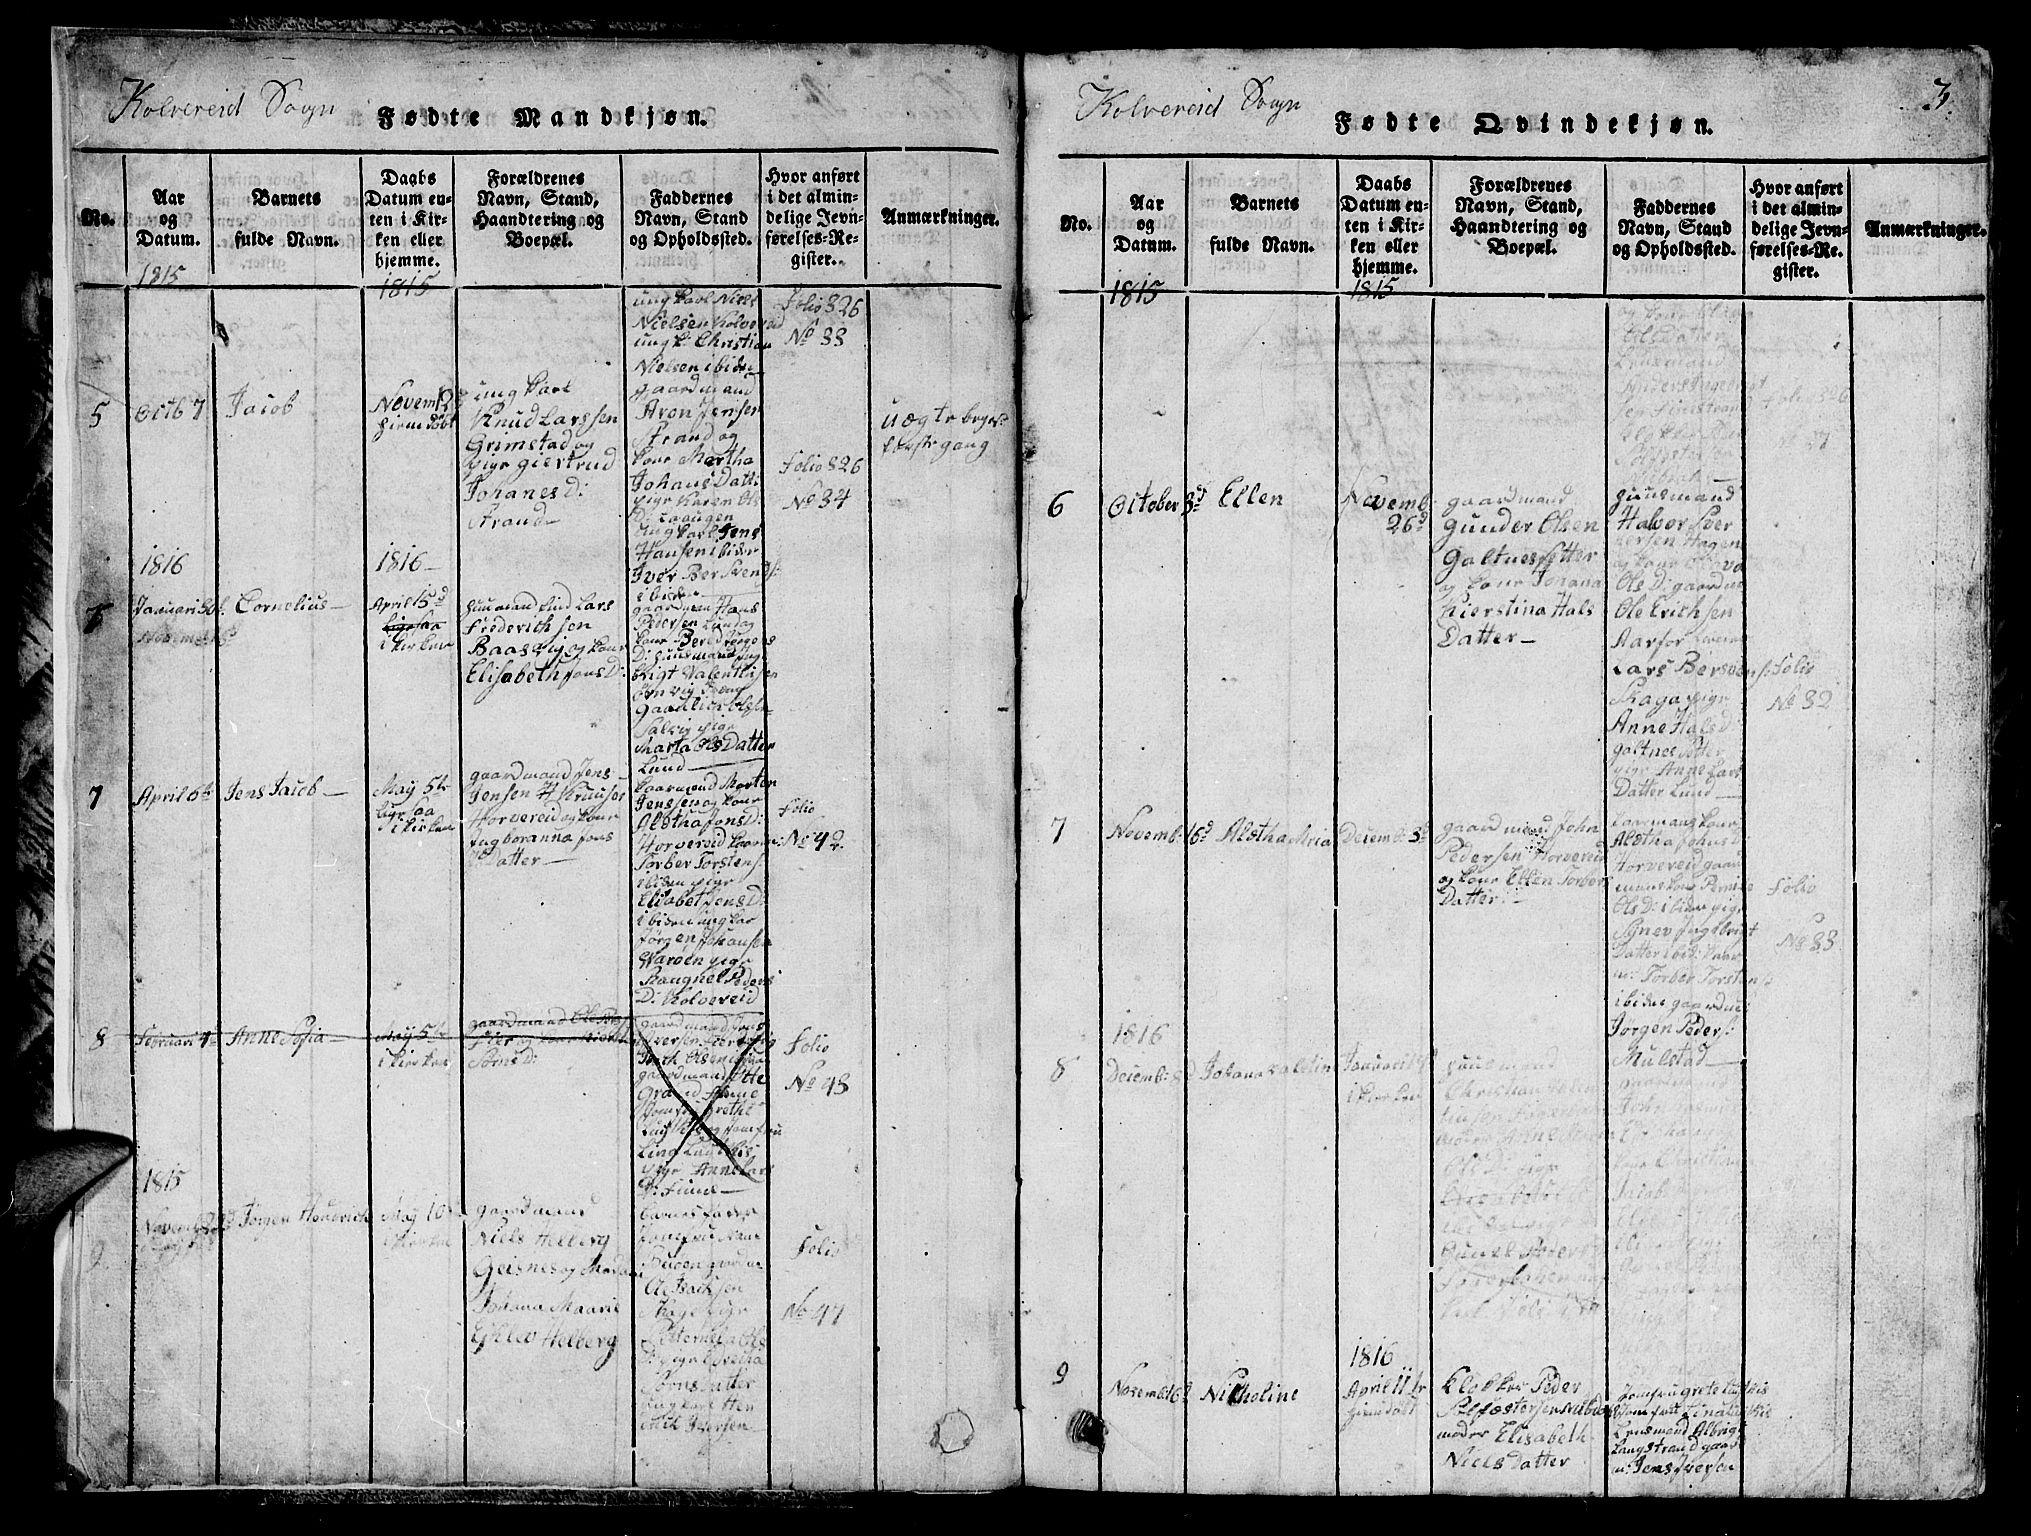 SAT, Ministerialprotokoller, klokkerbøker og fødselsregistre - Nord-Trøndelag, 780/L0648: Klokkerbok nr. 780C01 /1, 1815-1870, s. 3